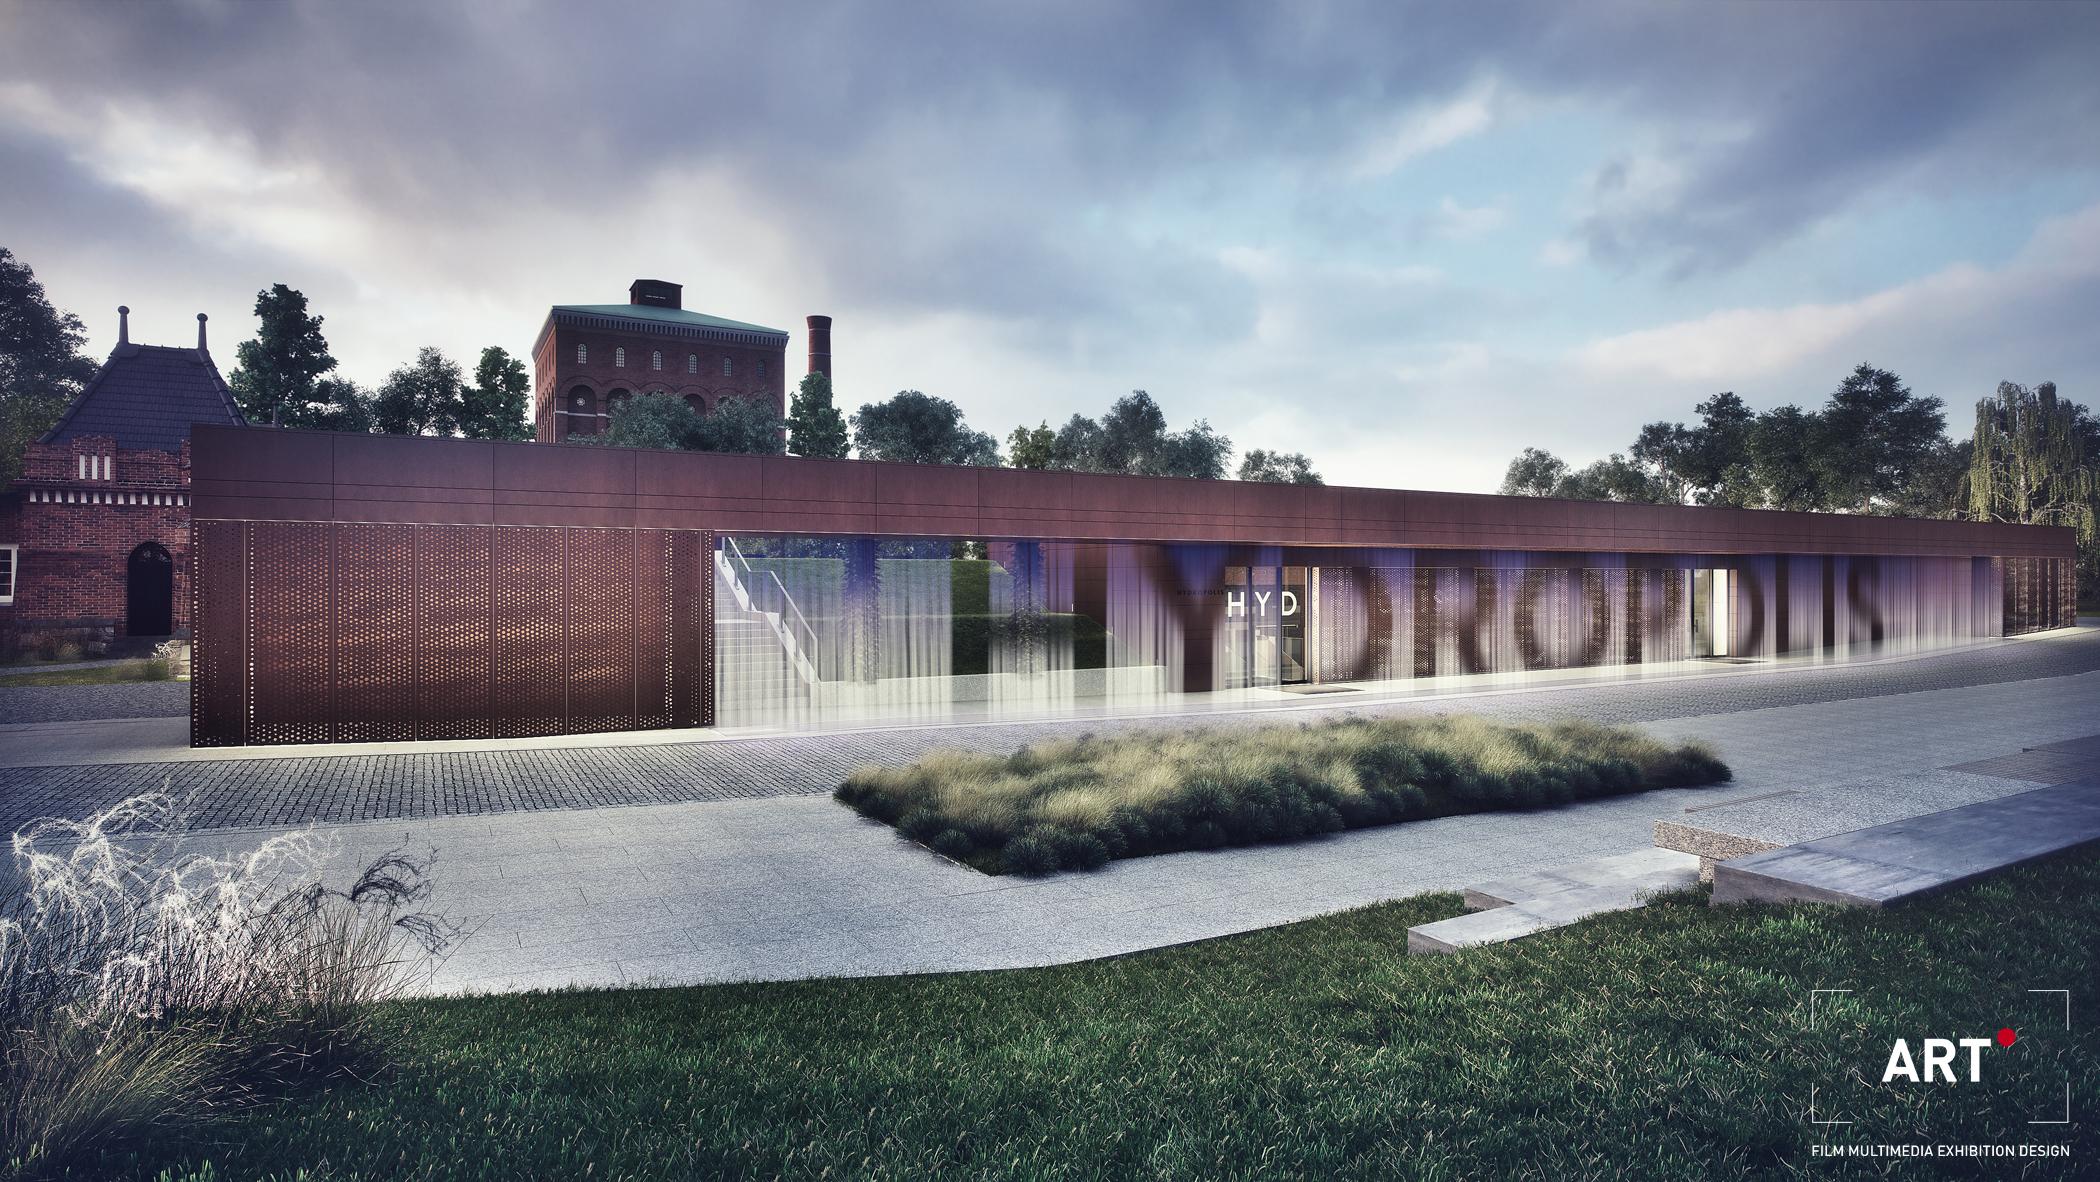 Digital Water Wall at Hydropolis